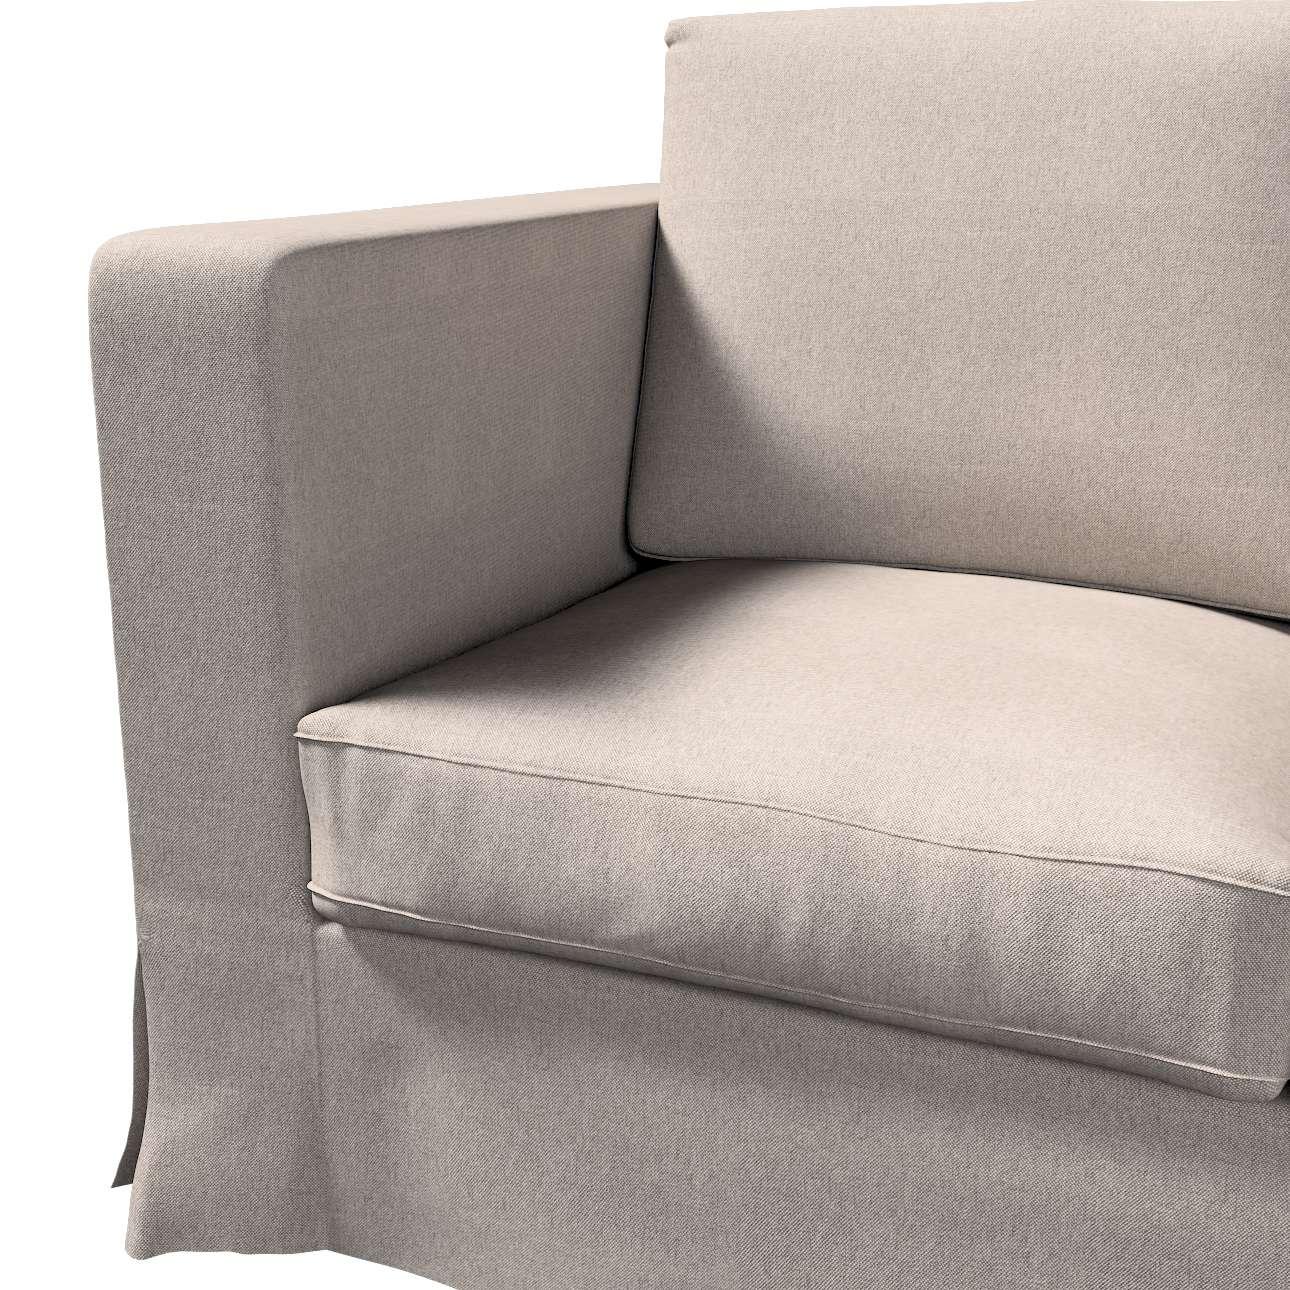 Karlanda klädsel 3-sits soffa - lång i kollektionen Etna, Tyg: 705-09